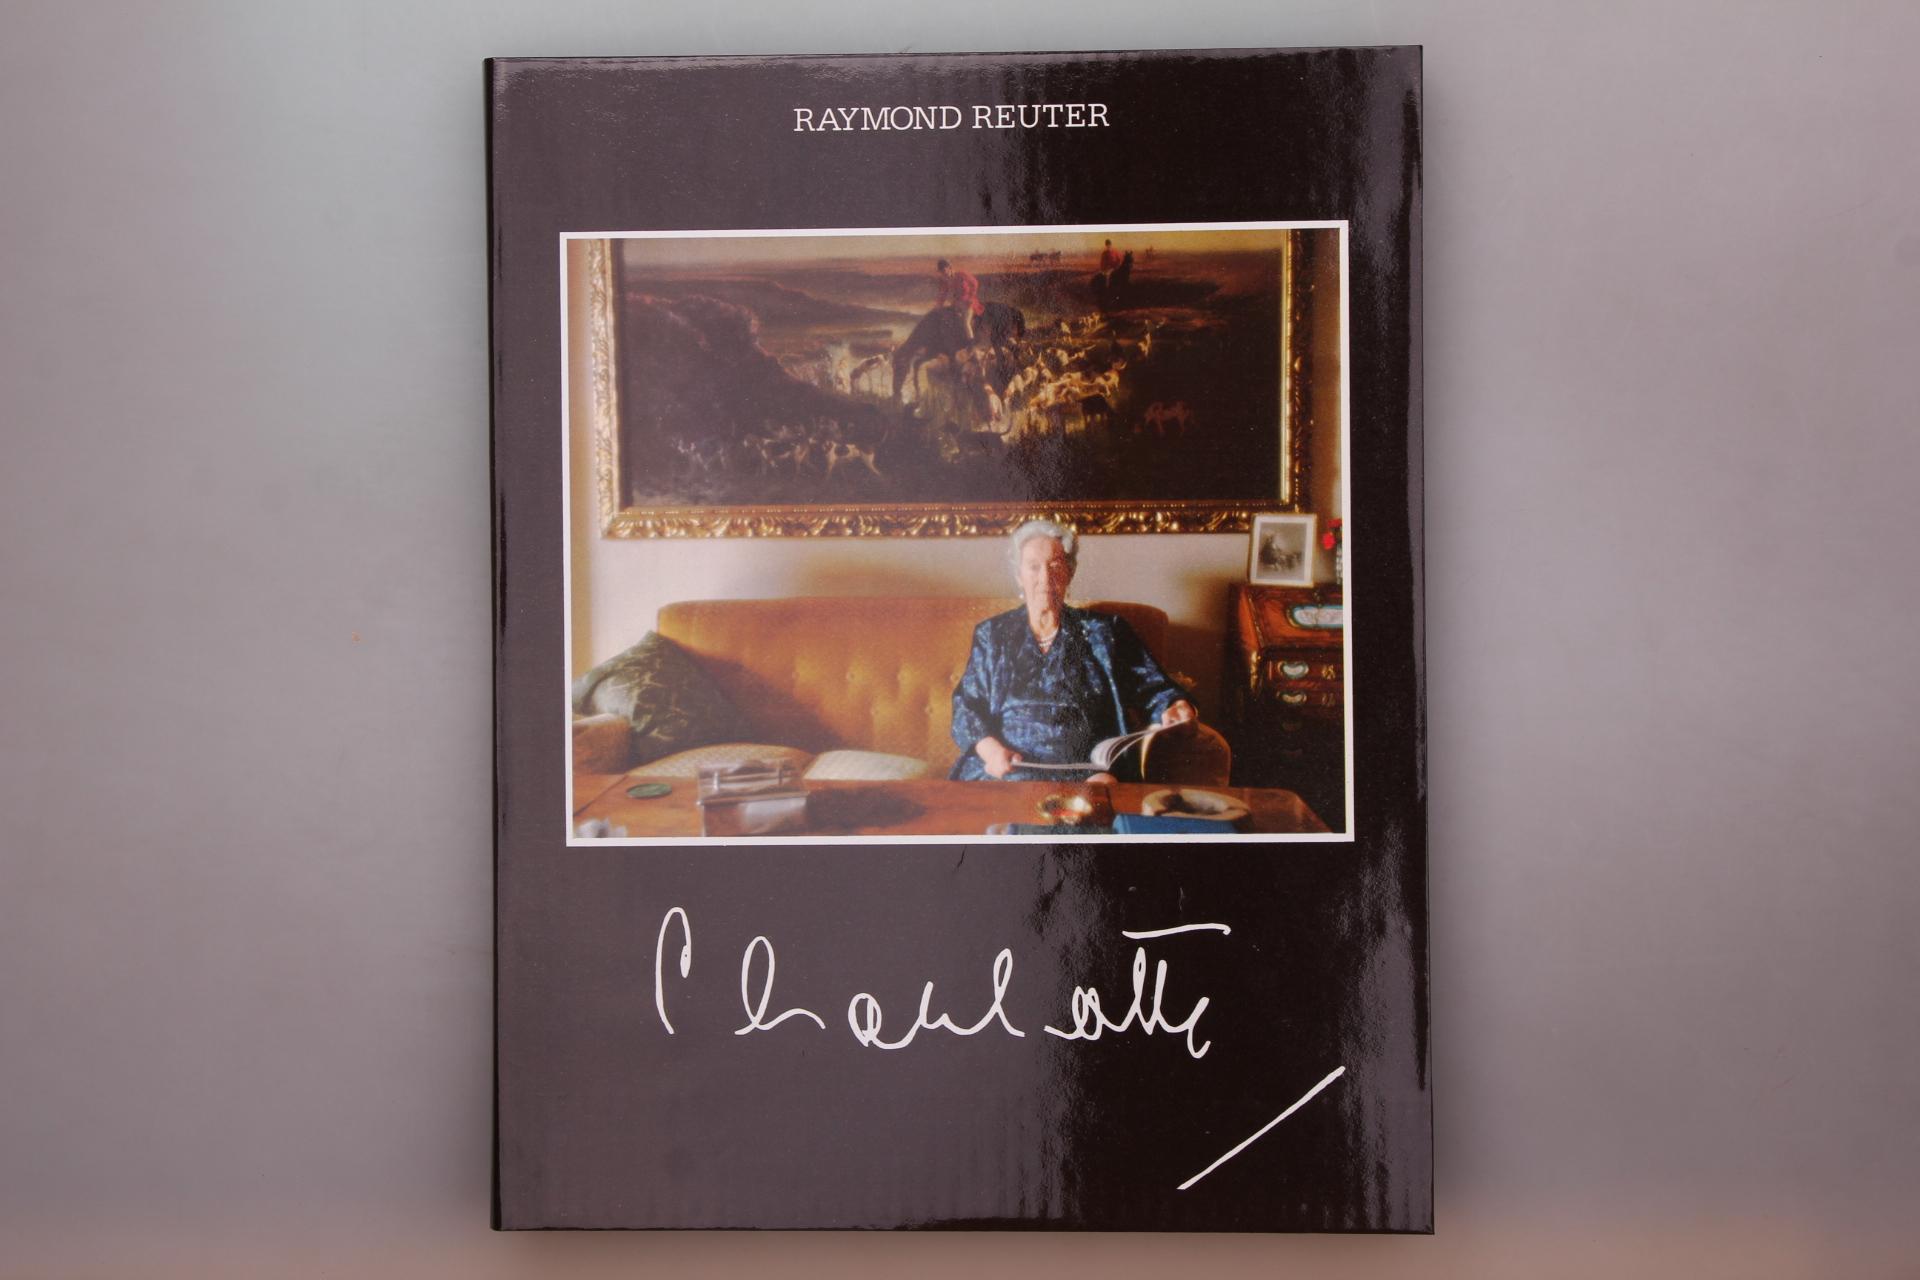 Reuter, Raymond CHARLOTTE - PORTRAIT D UNE GRANDE DAME